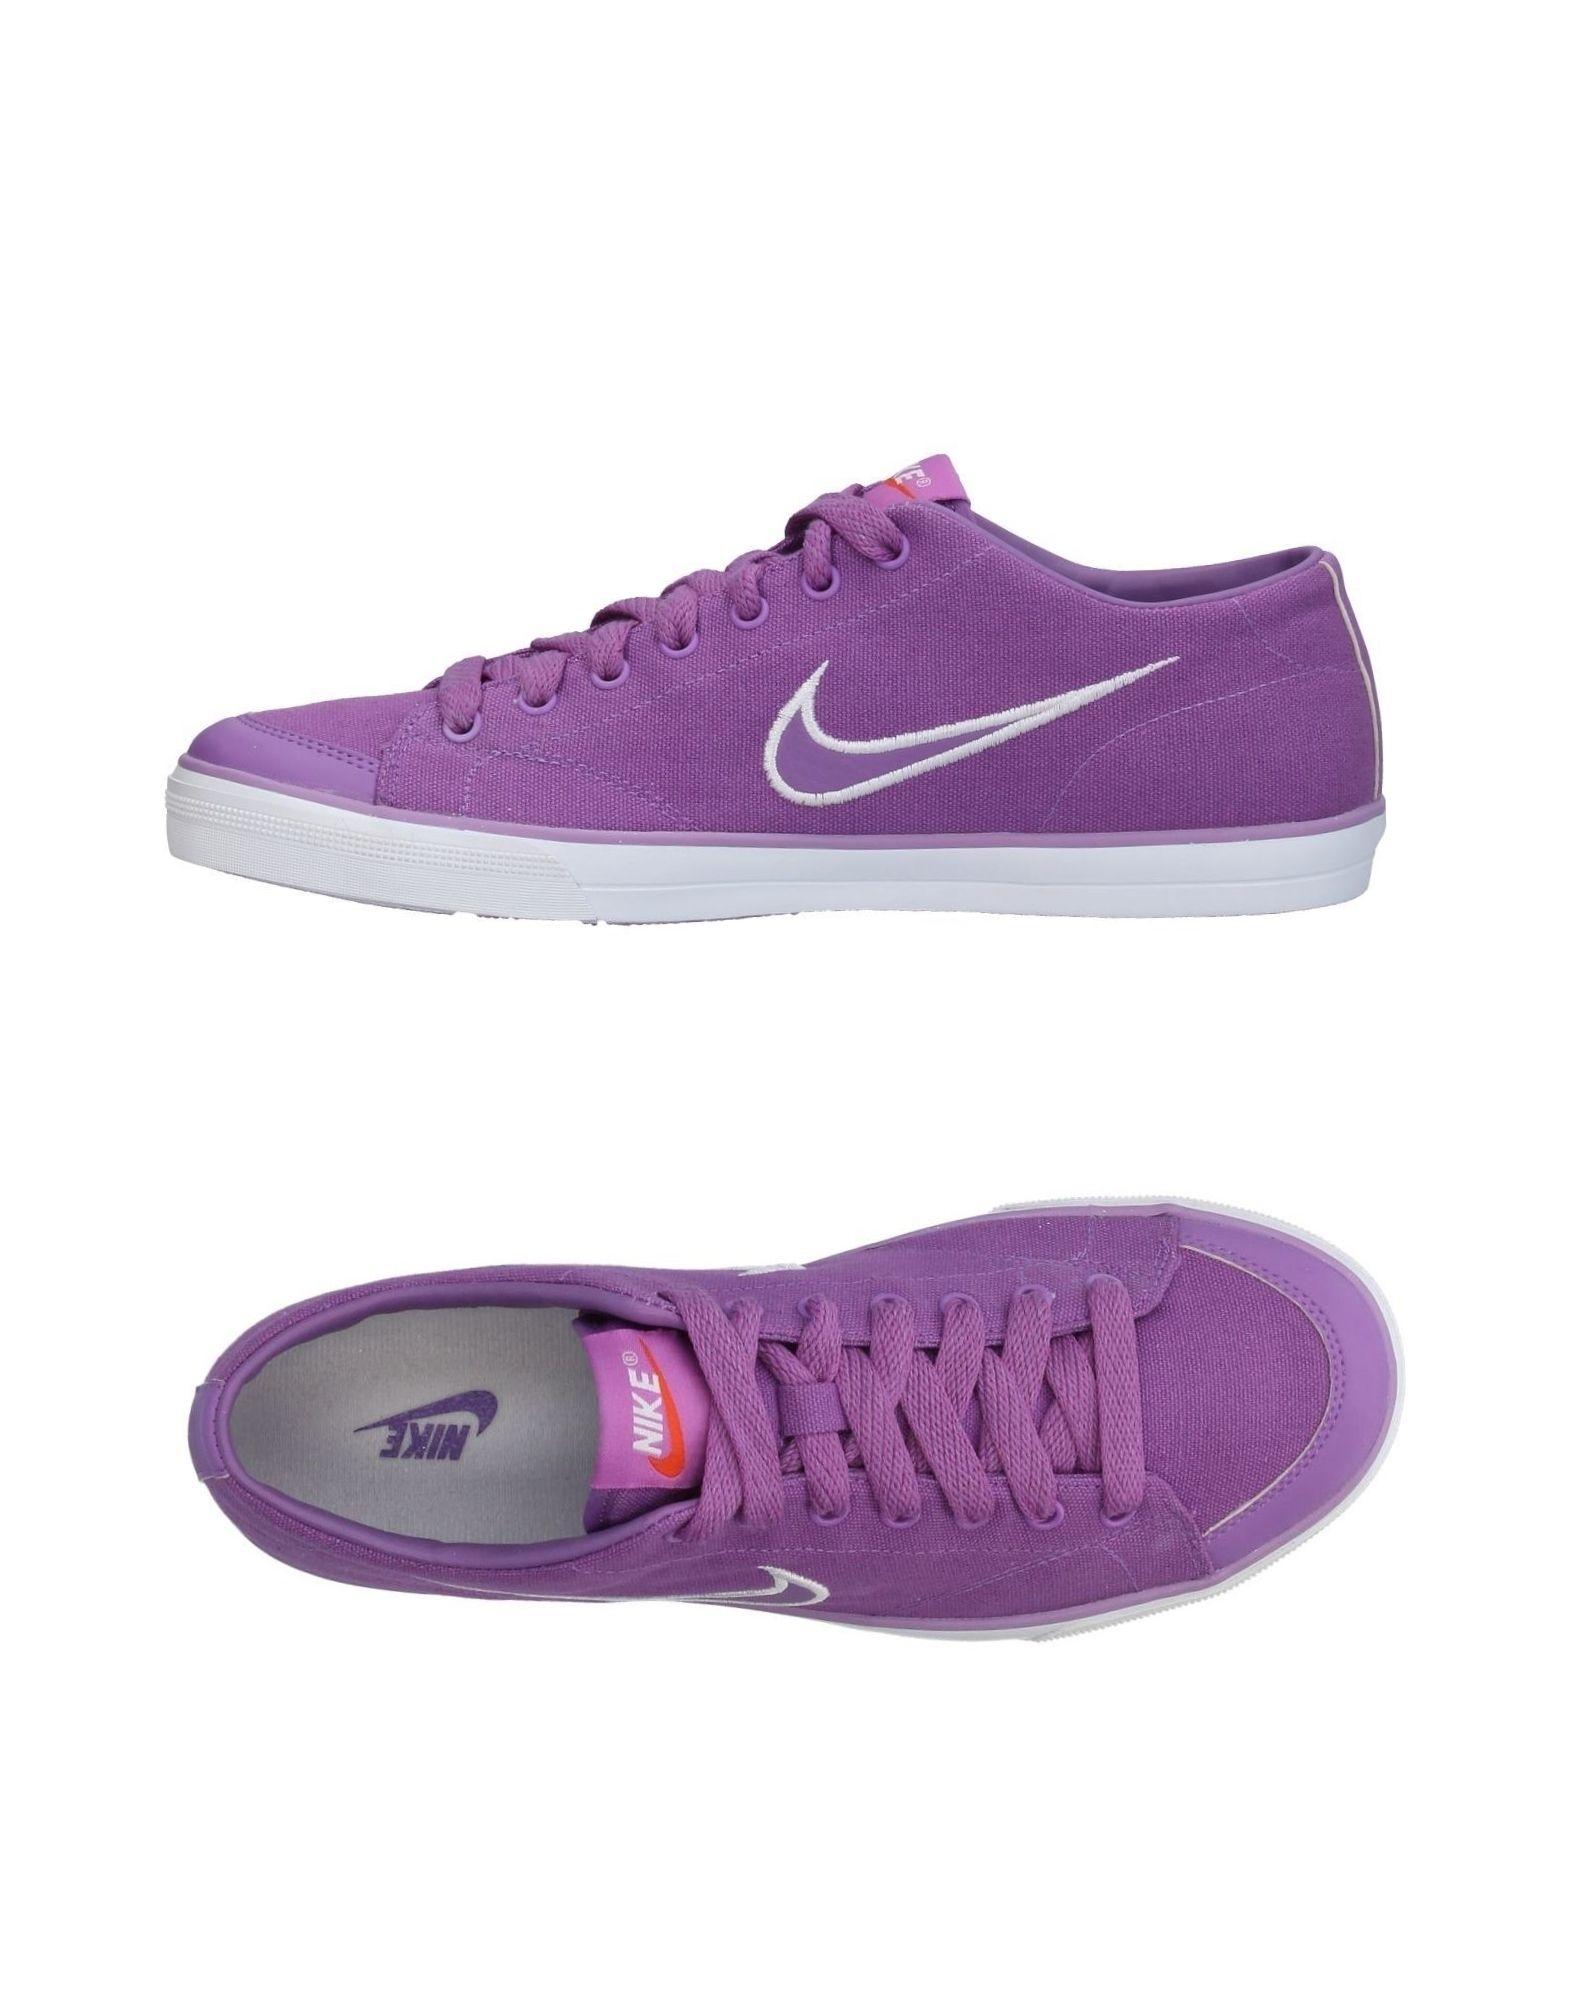 Moda Sneakers Nike Donna - 11403292LN